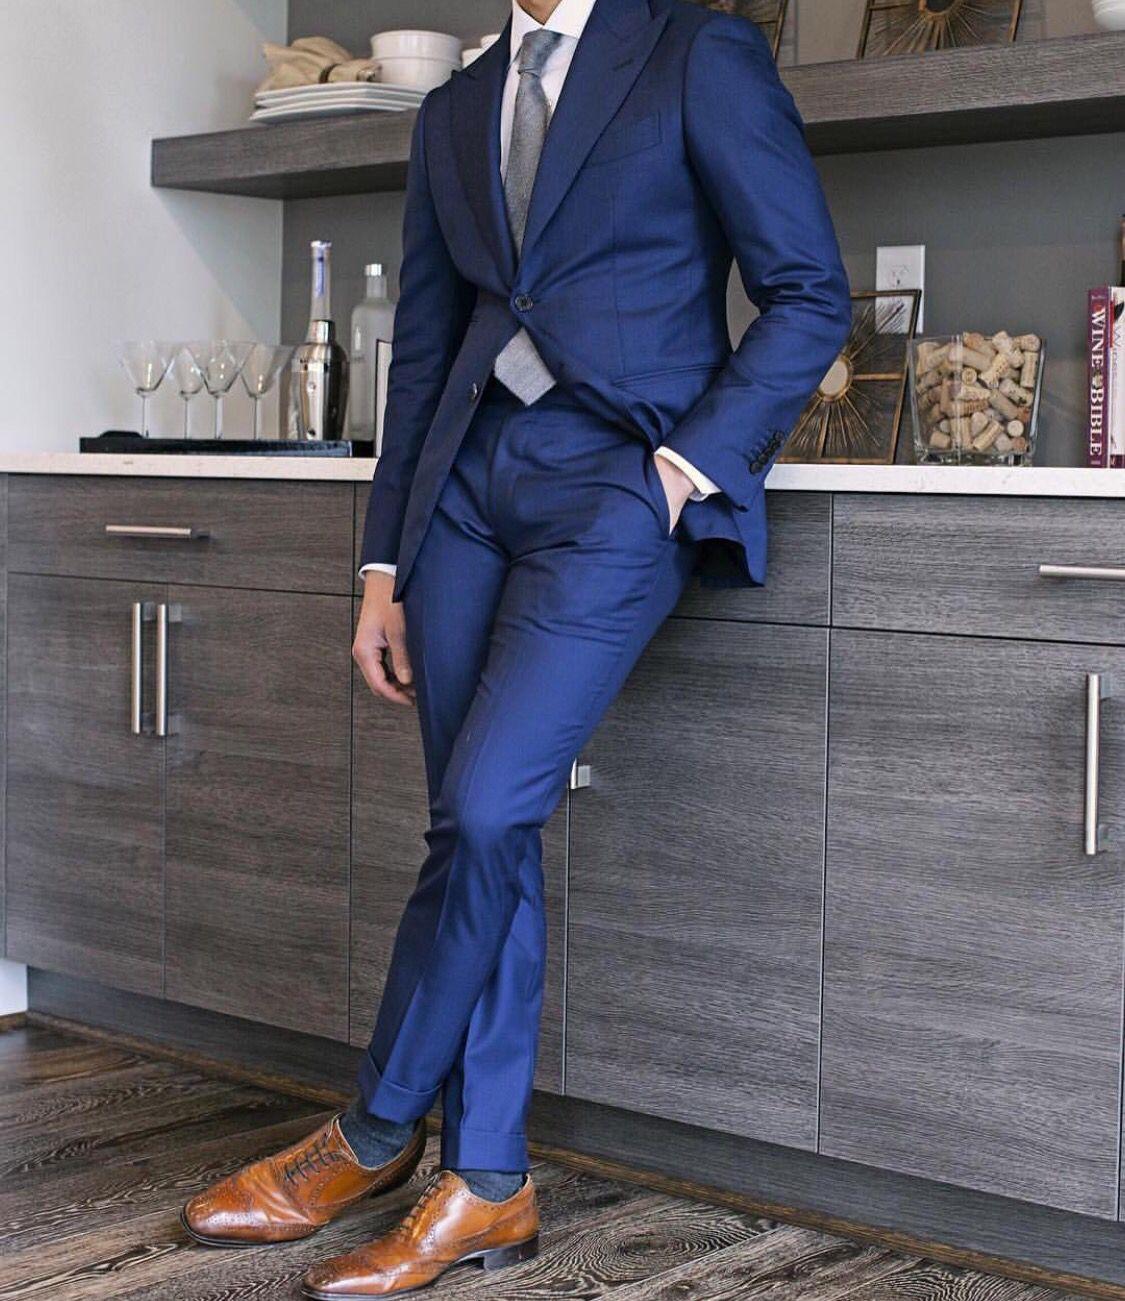 die besten 25 blauer anzug braune schuhe ideen auf pinterest marine anz ge f r trauzeugen. Black Bedroom Furniture Sets. Home Design Ideas